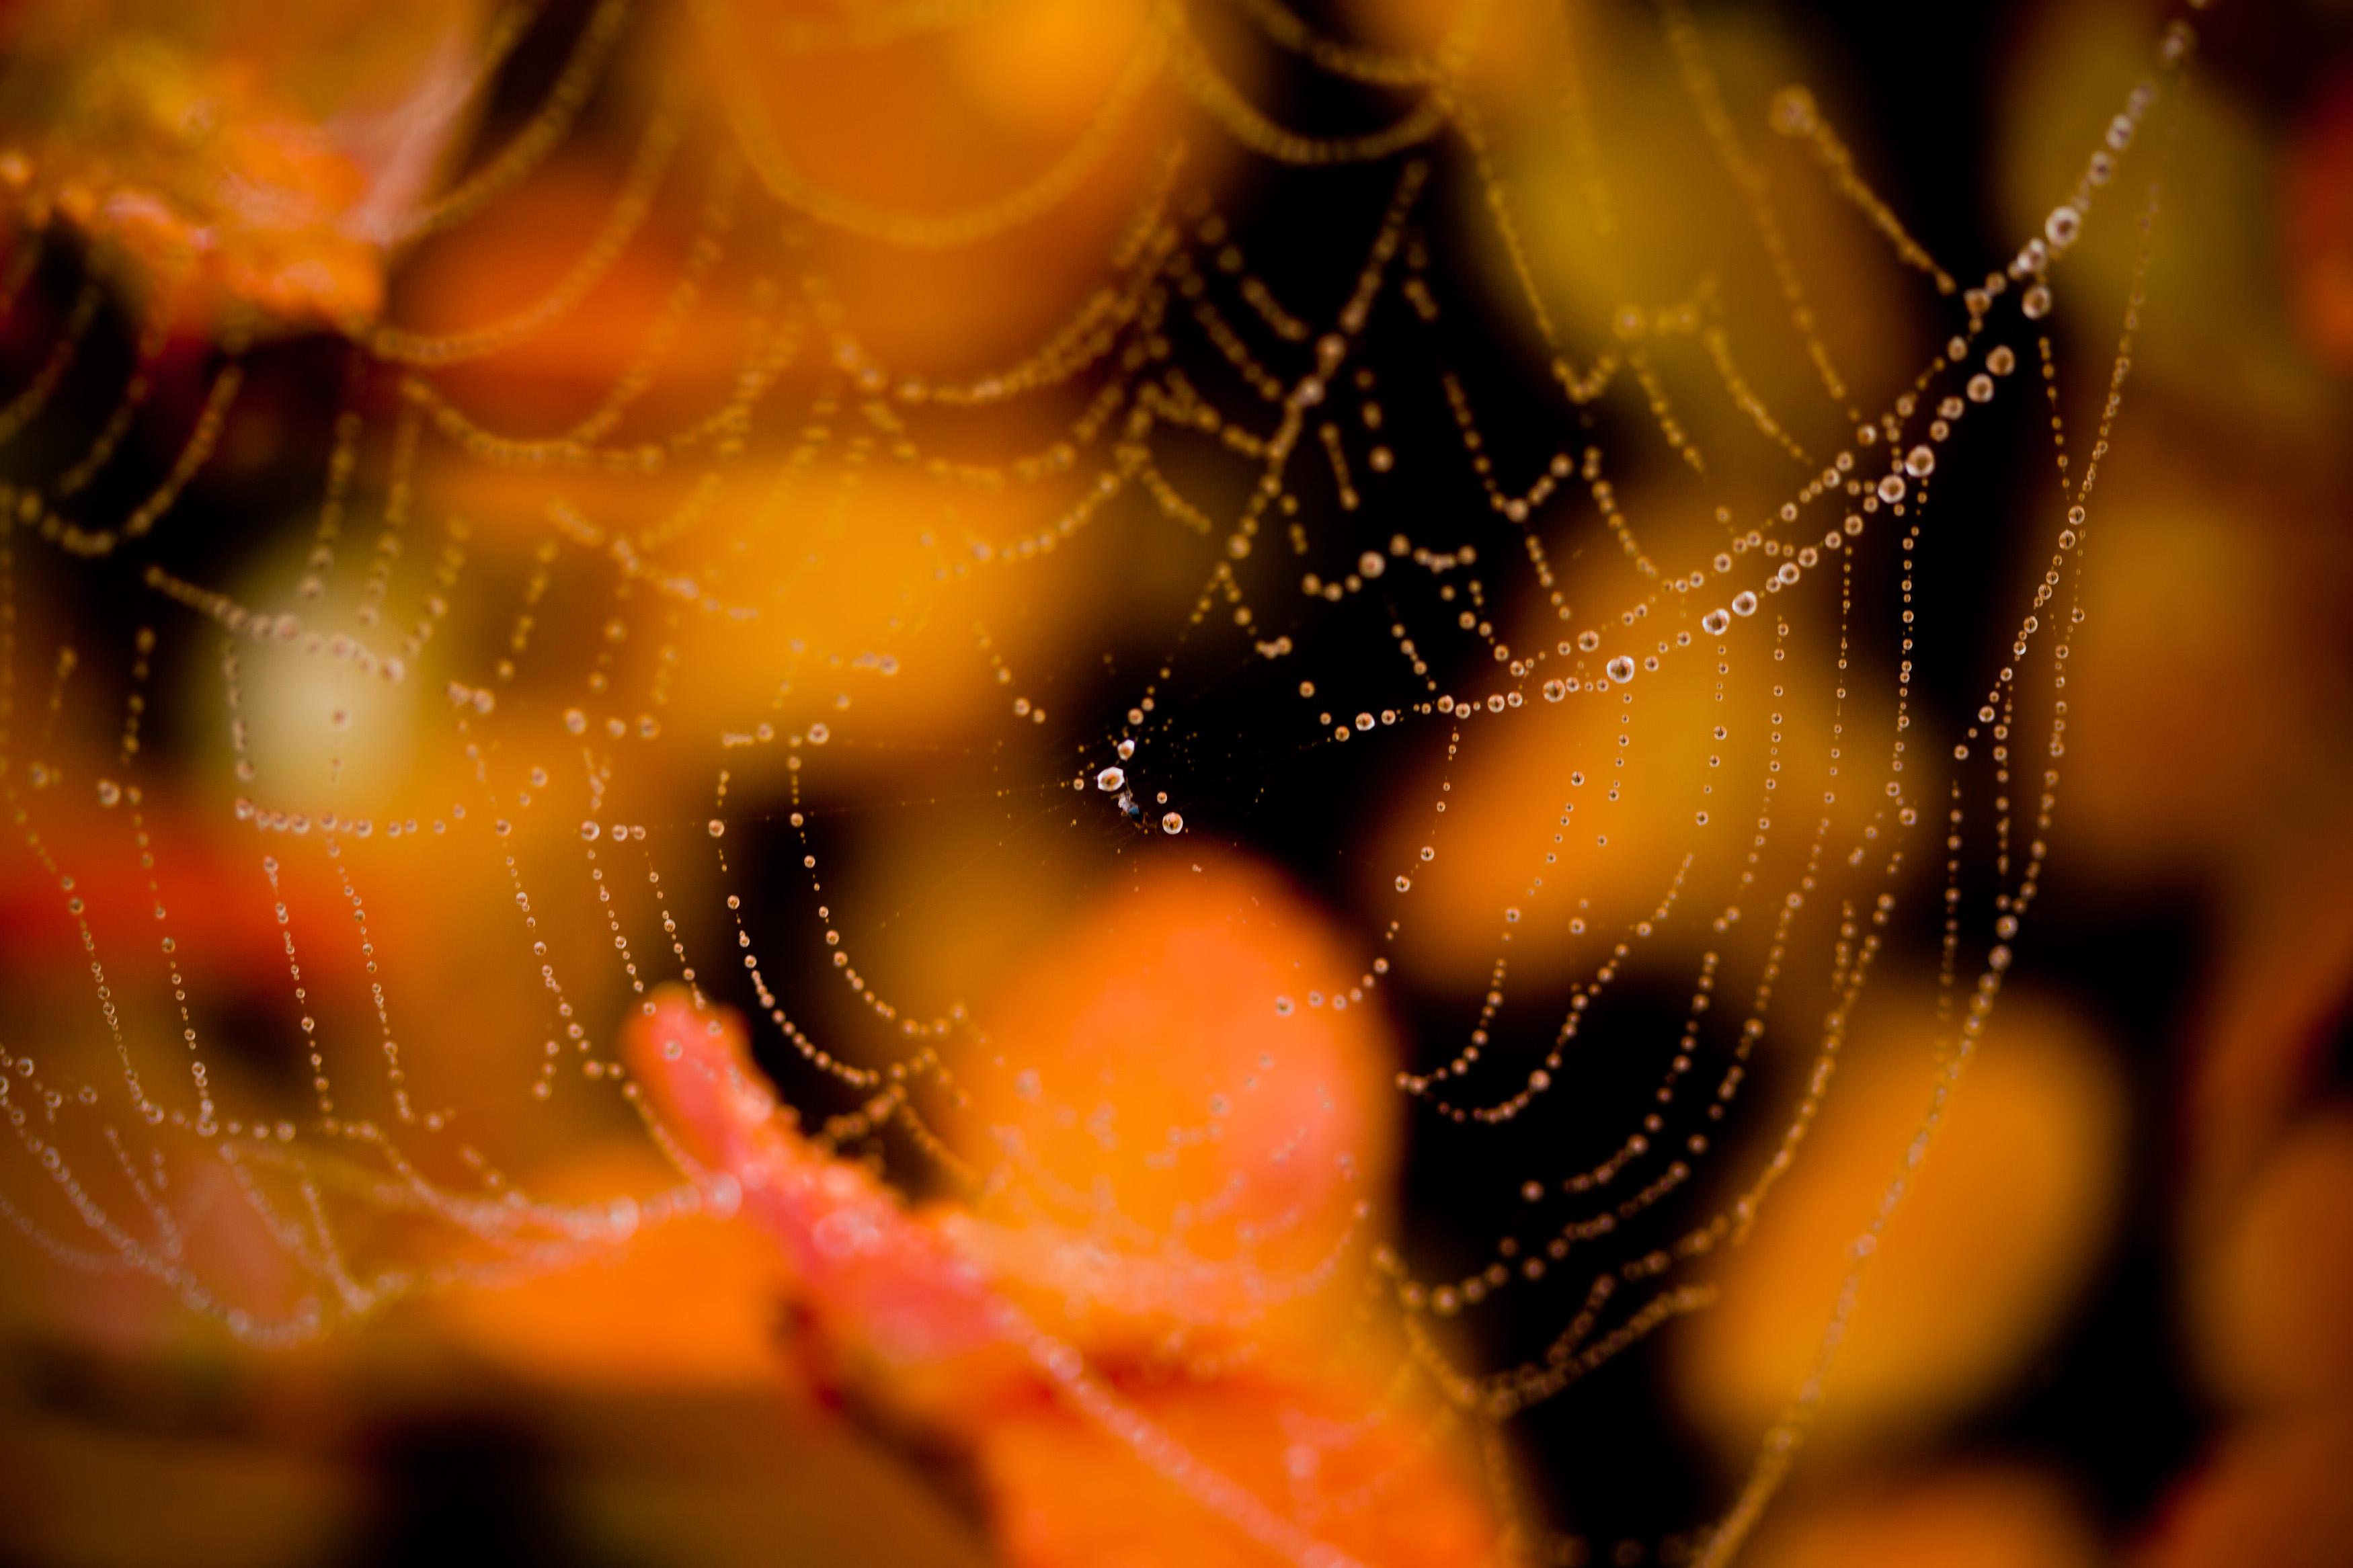 Wet spider web photo